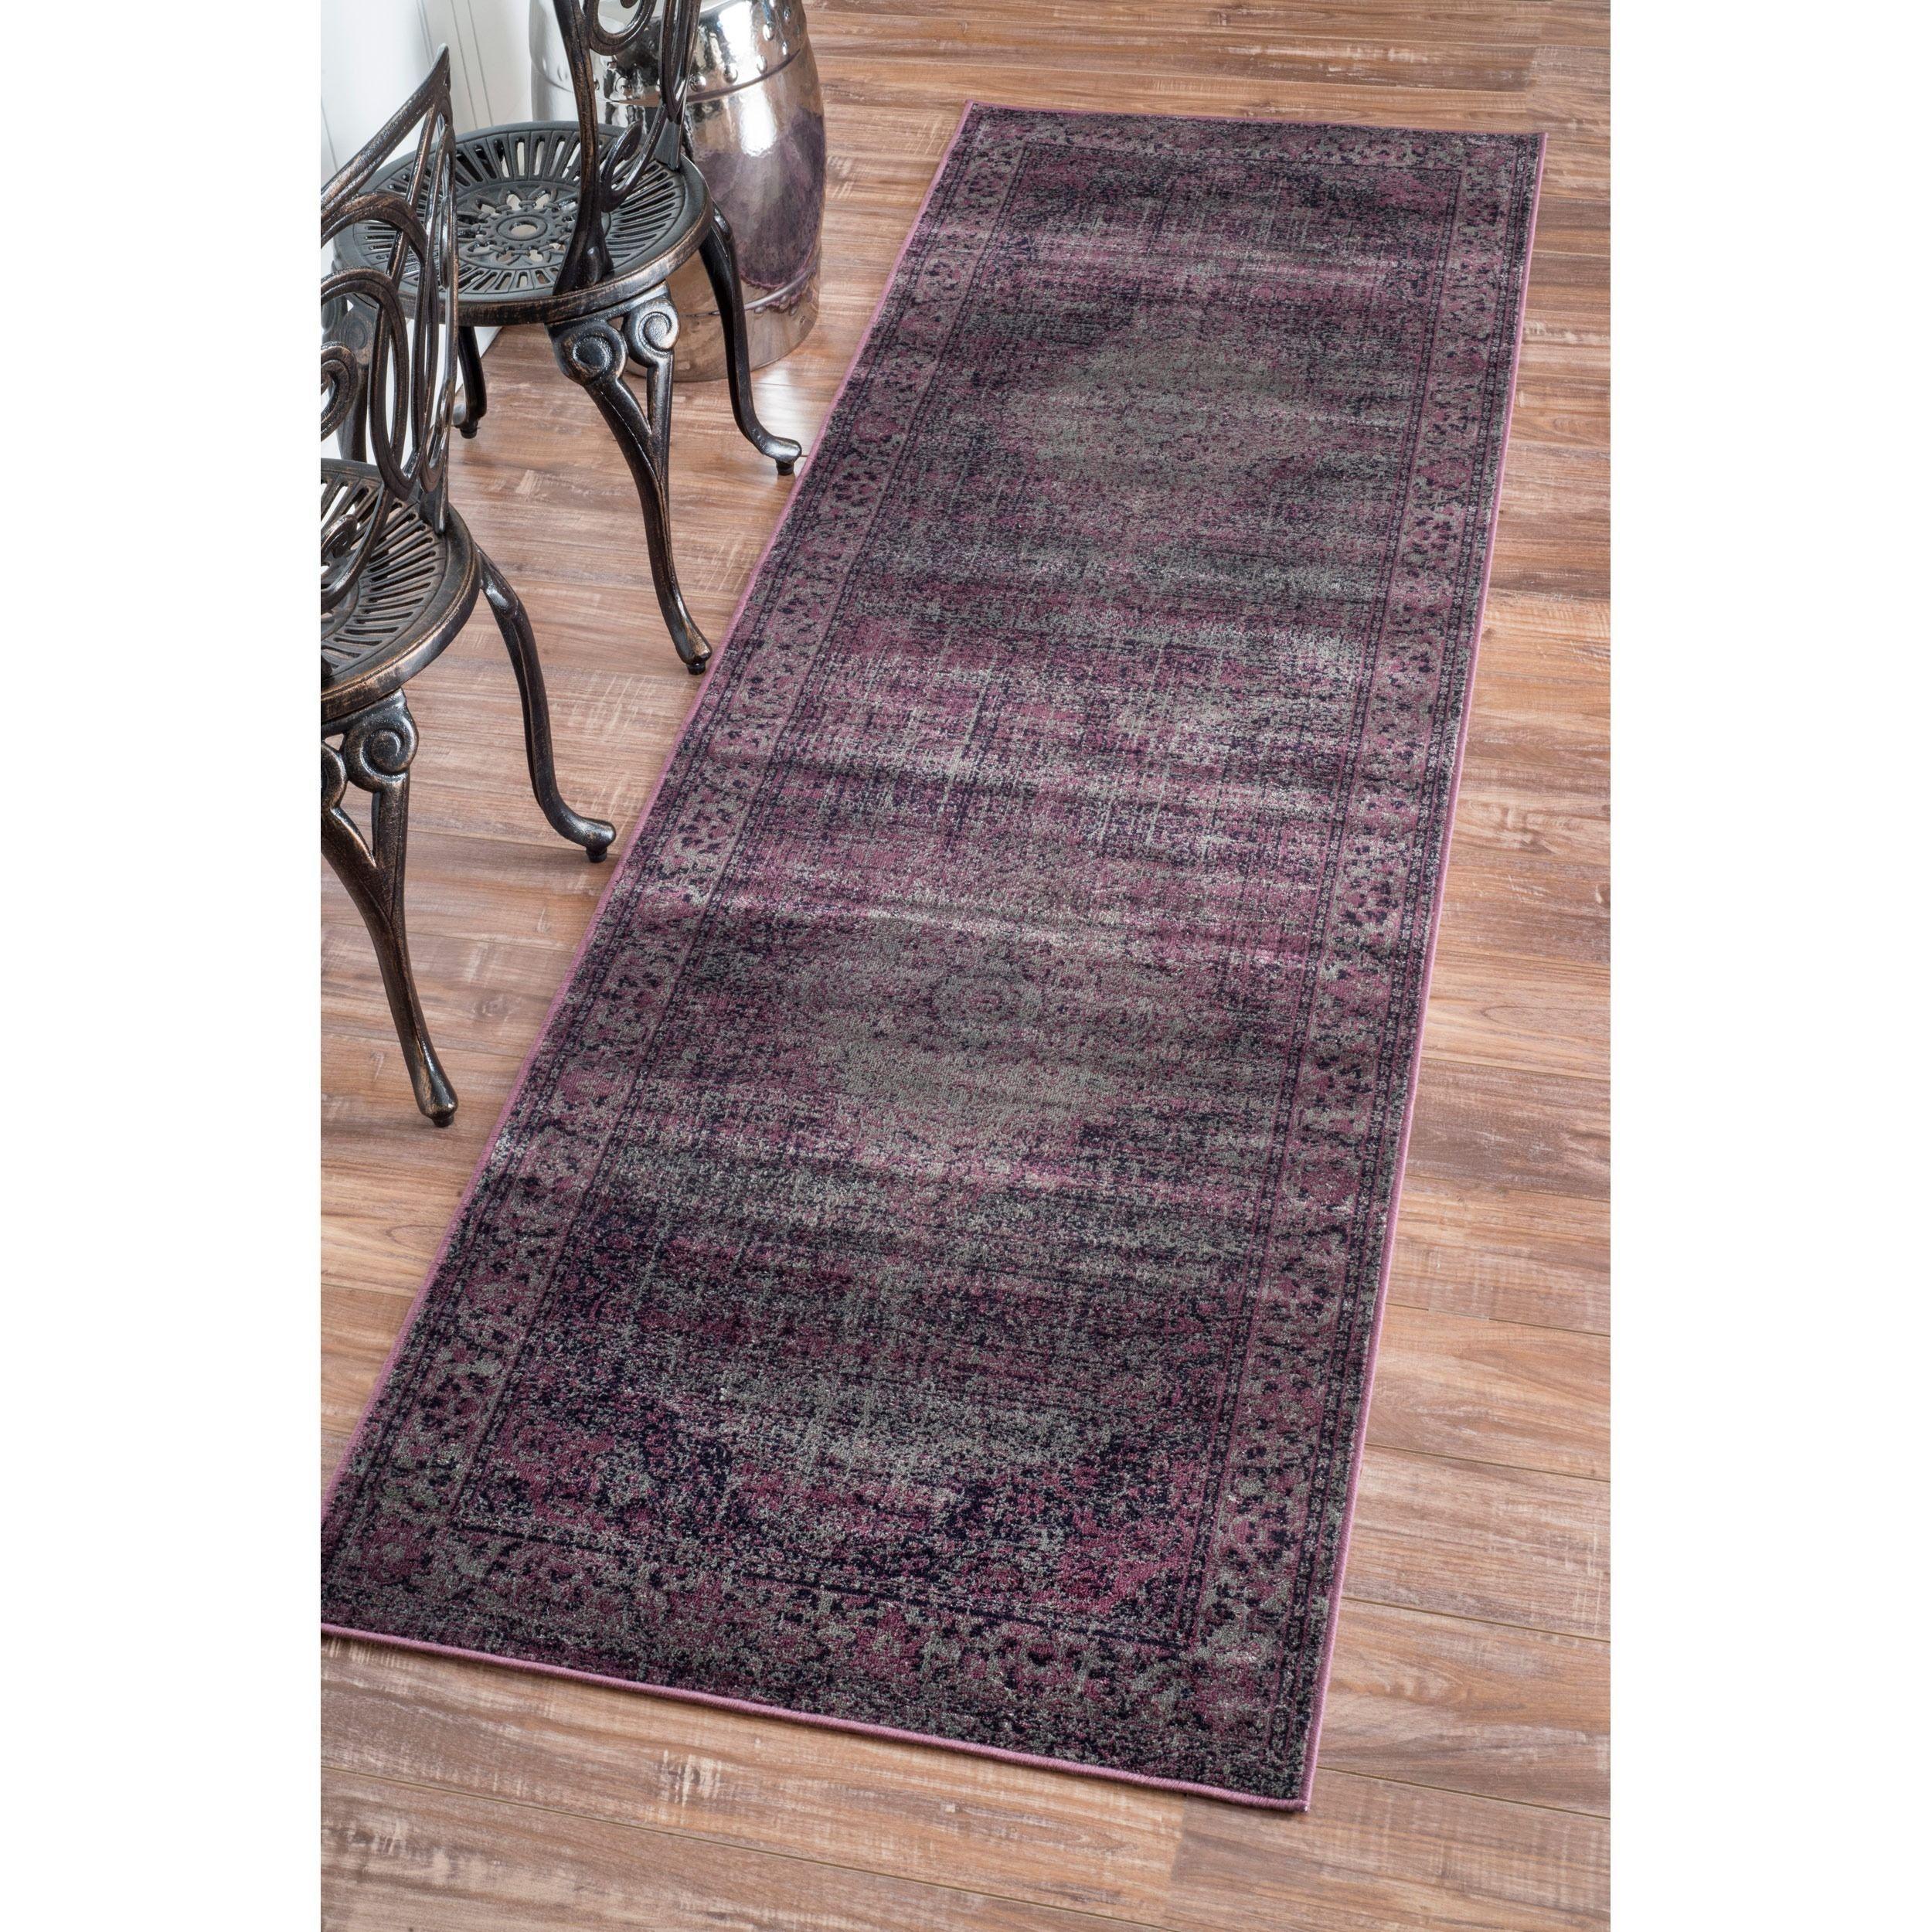 nuLOOM Oriental Vintage Viscose Persian Amethyst Runner Rug (2'7 x 8') (Amethyst), Purple